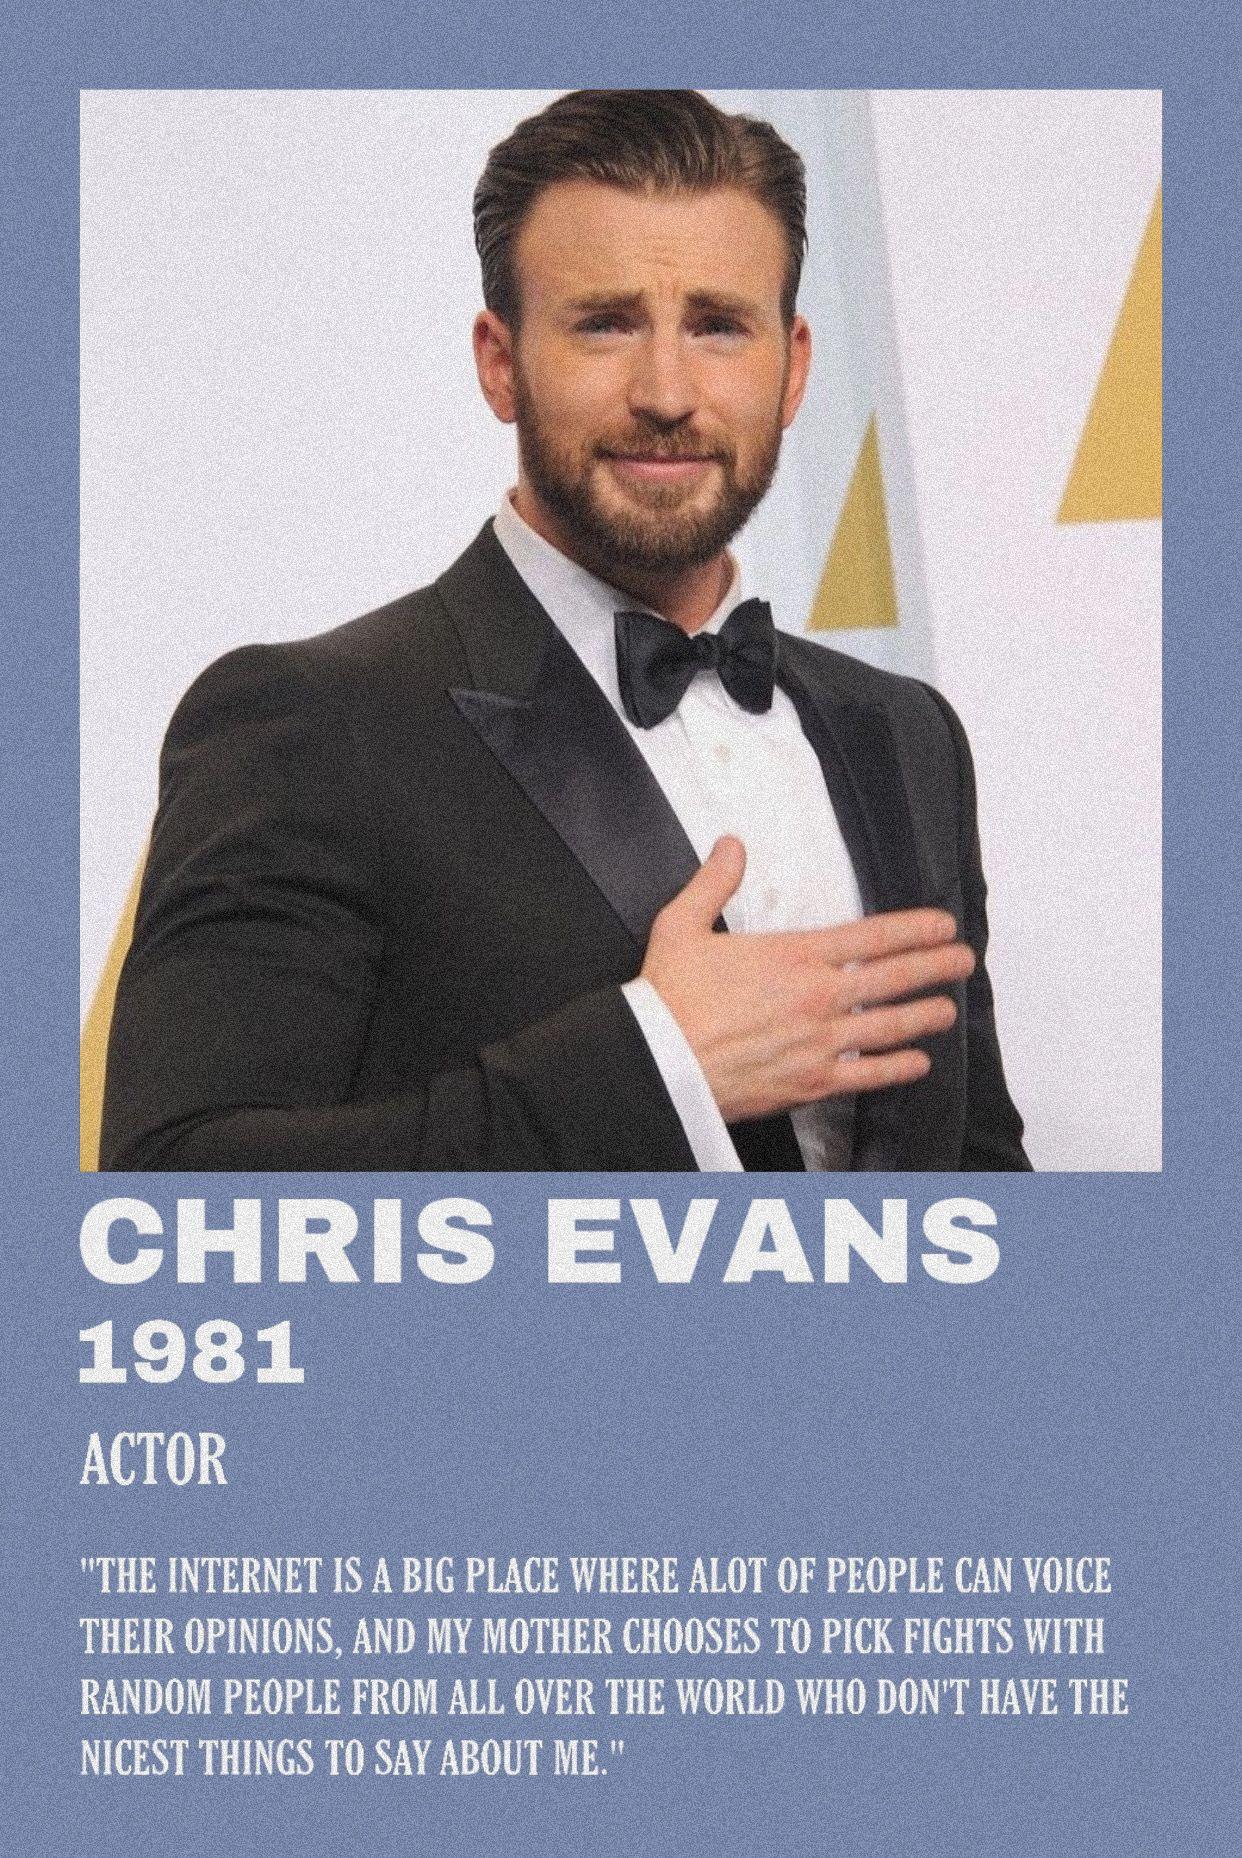 Chris Evans By Scarlettbullivant Chris Evans Alternative Movie Posters Actors